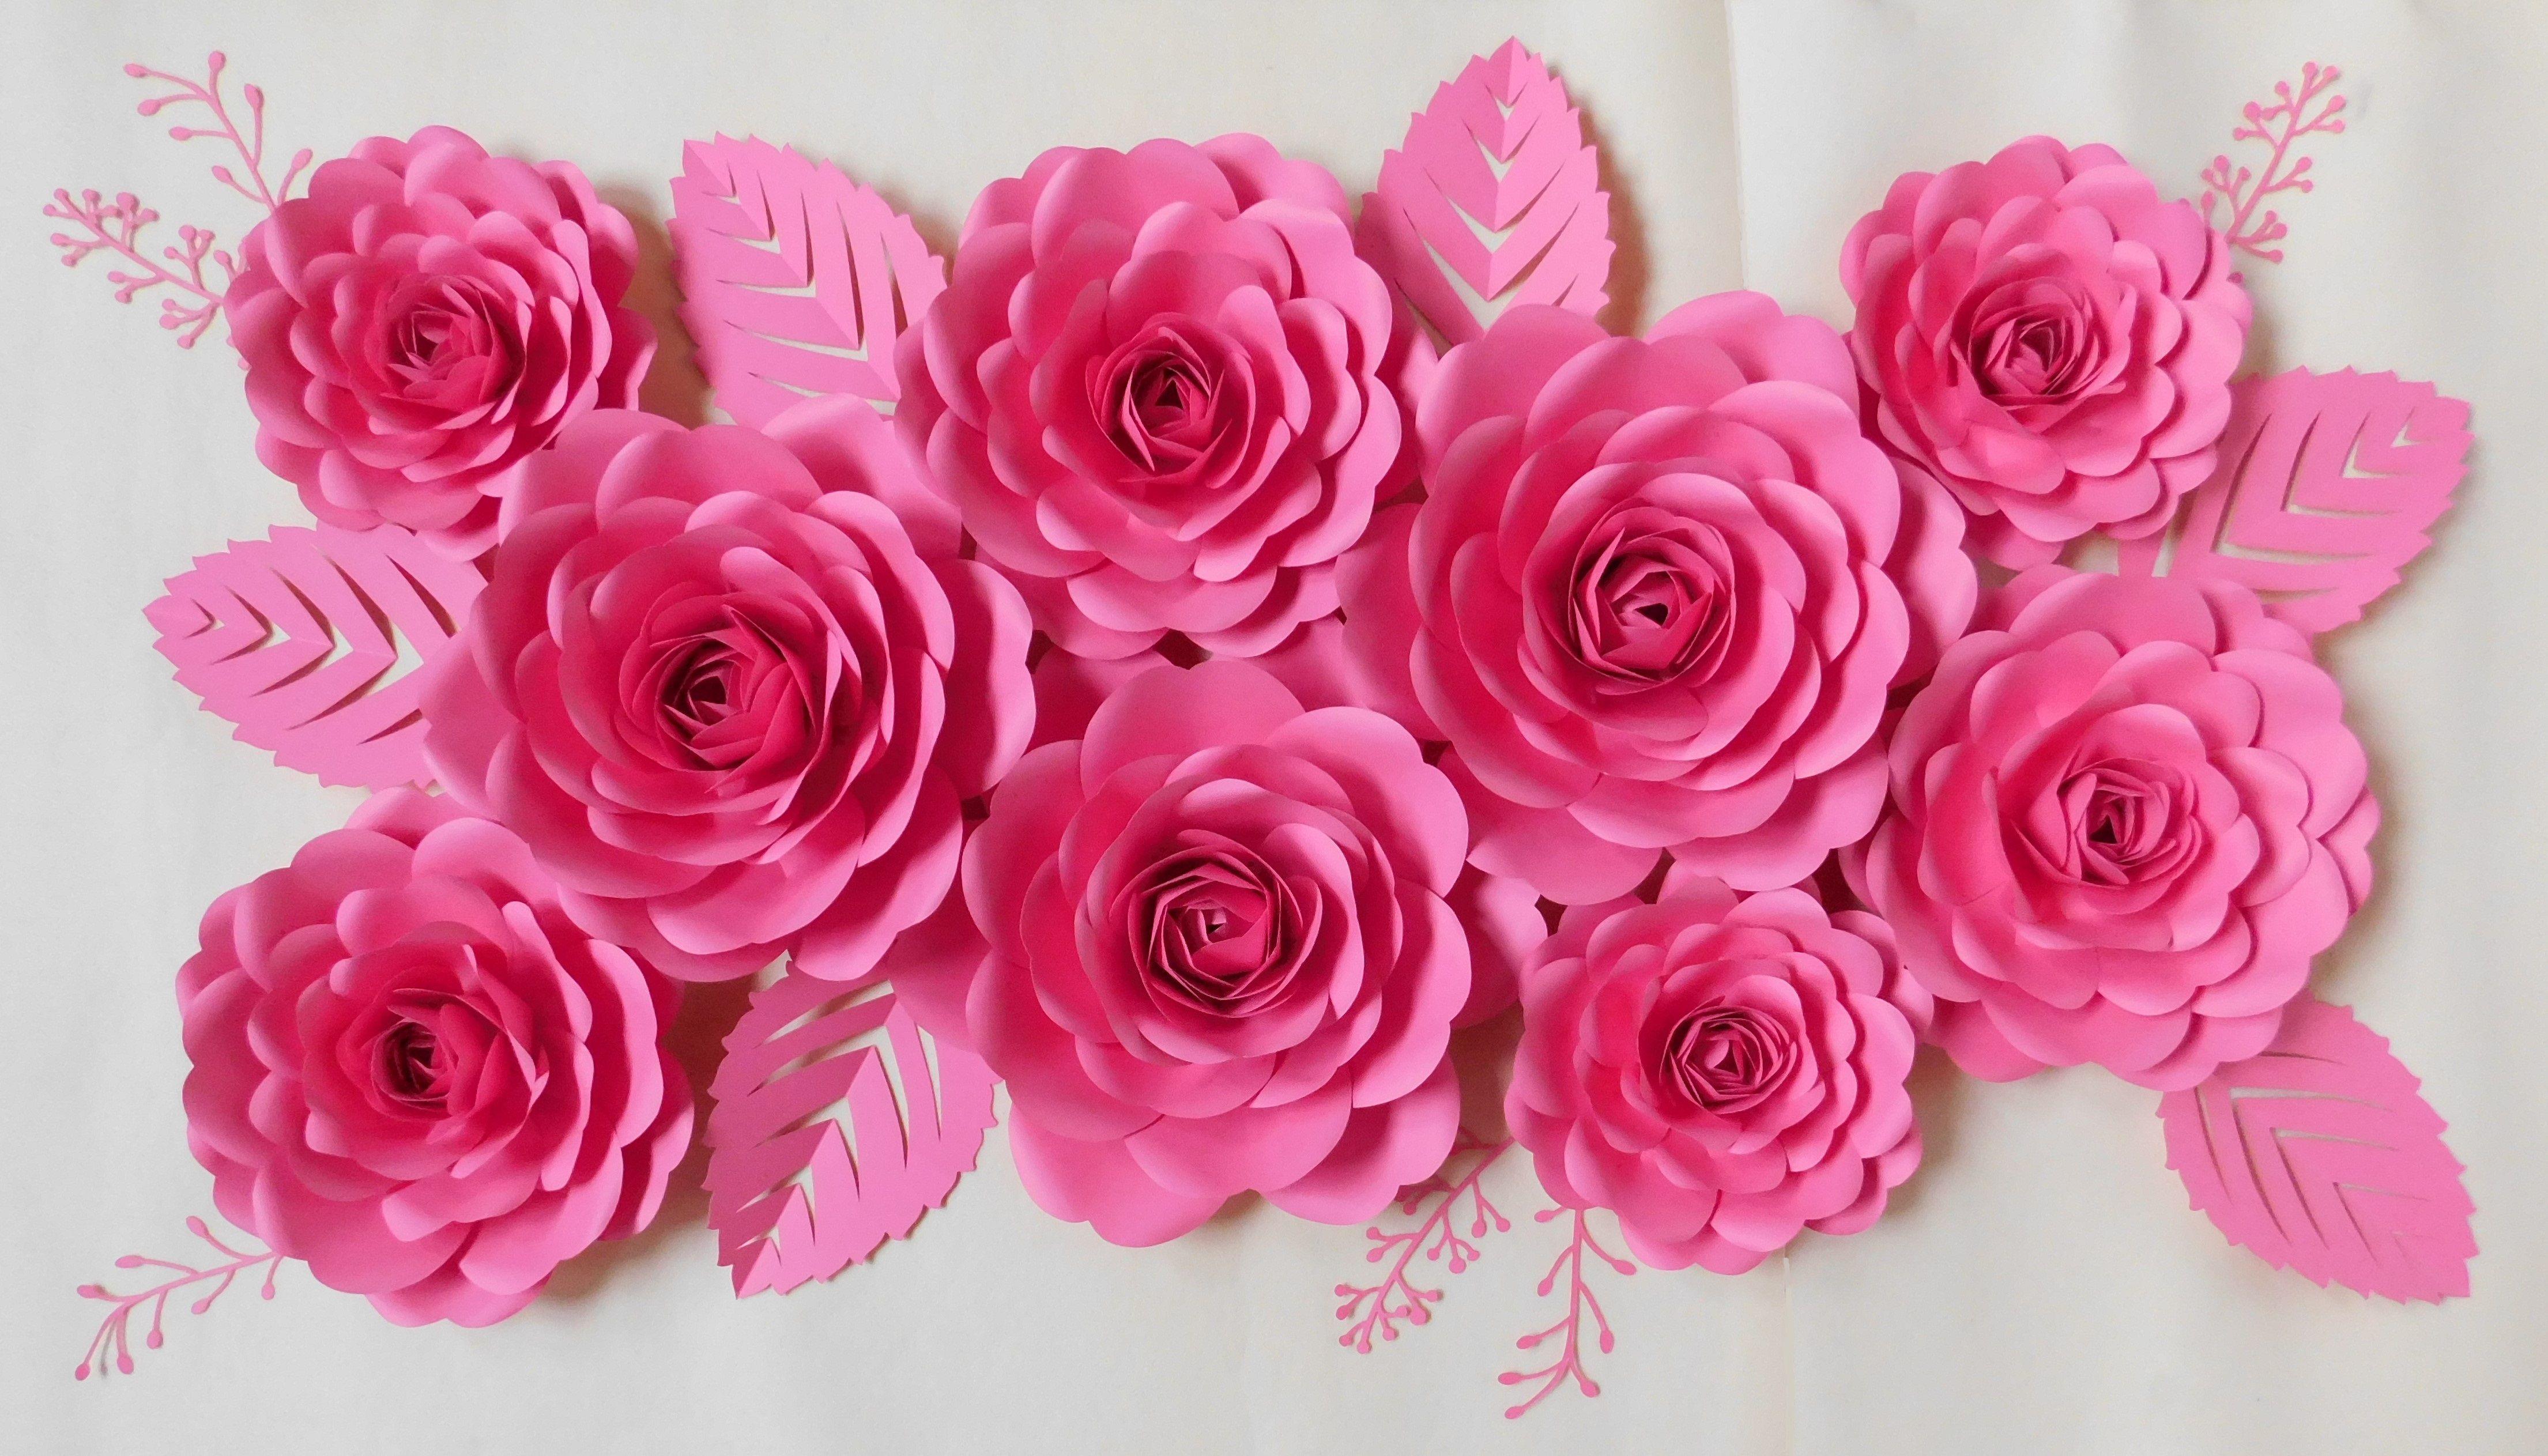 Kwiaty Z Papieru Kwiaty Papierowe Paper Flowers Pink Decorations Paper Flowers Flower Backdrop Paper Flower Wall